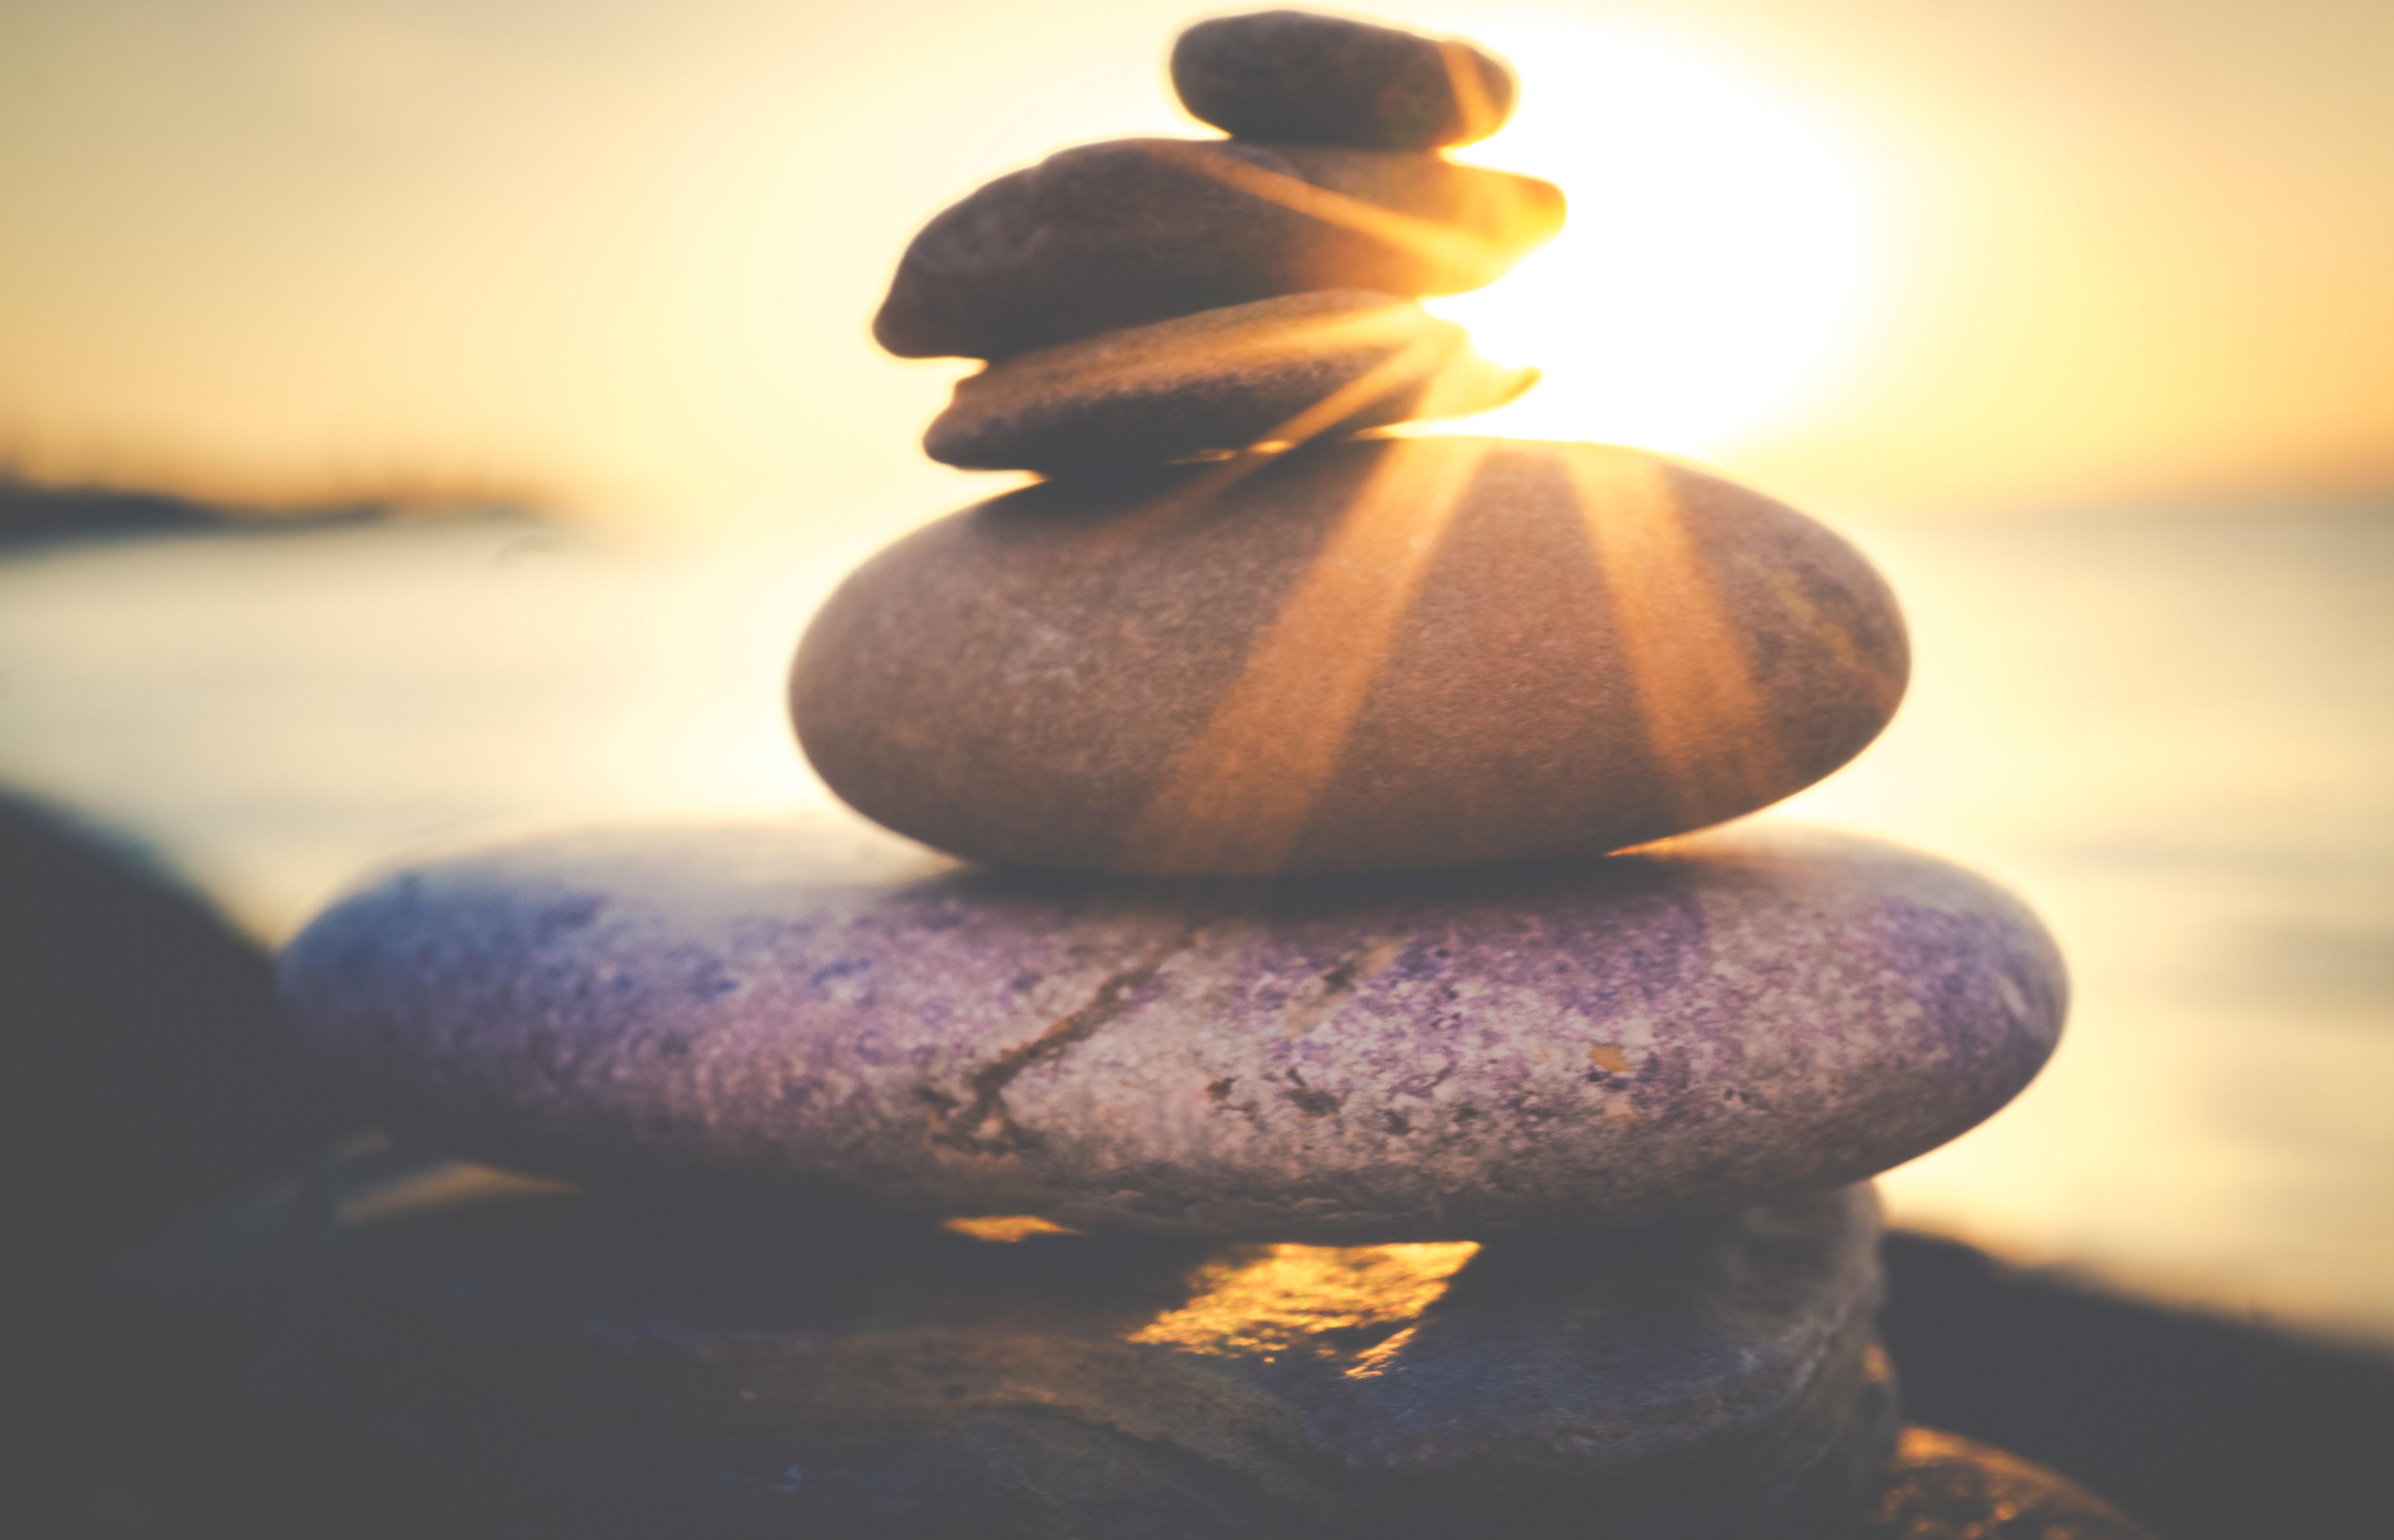 Balance Steine vor einem Sonnenuntergang